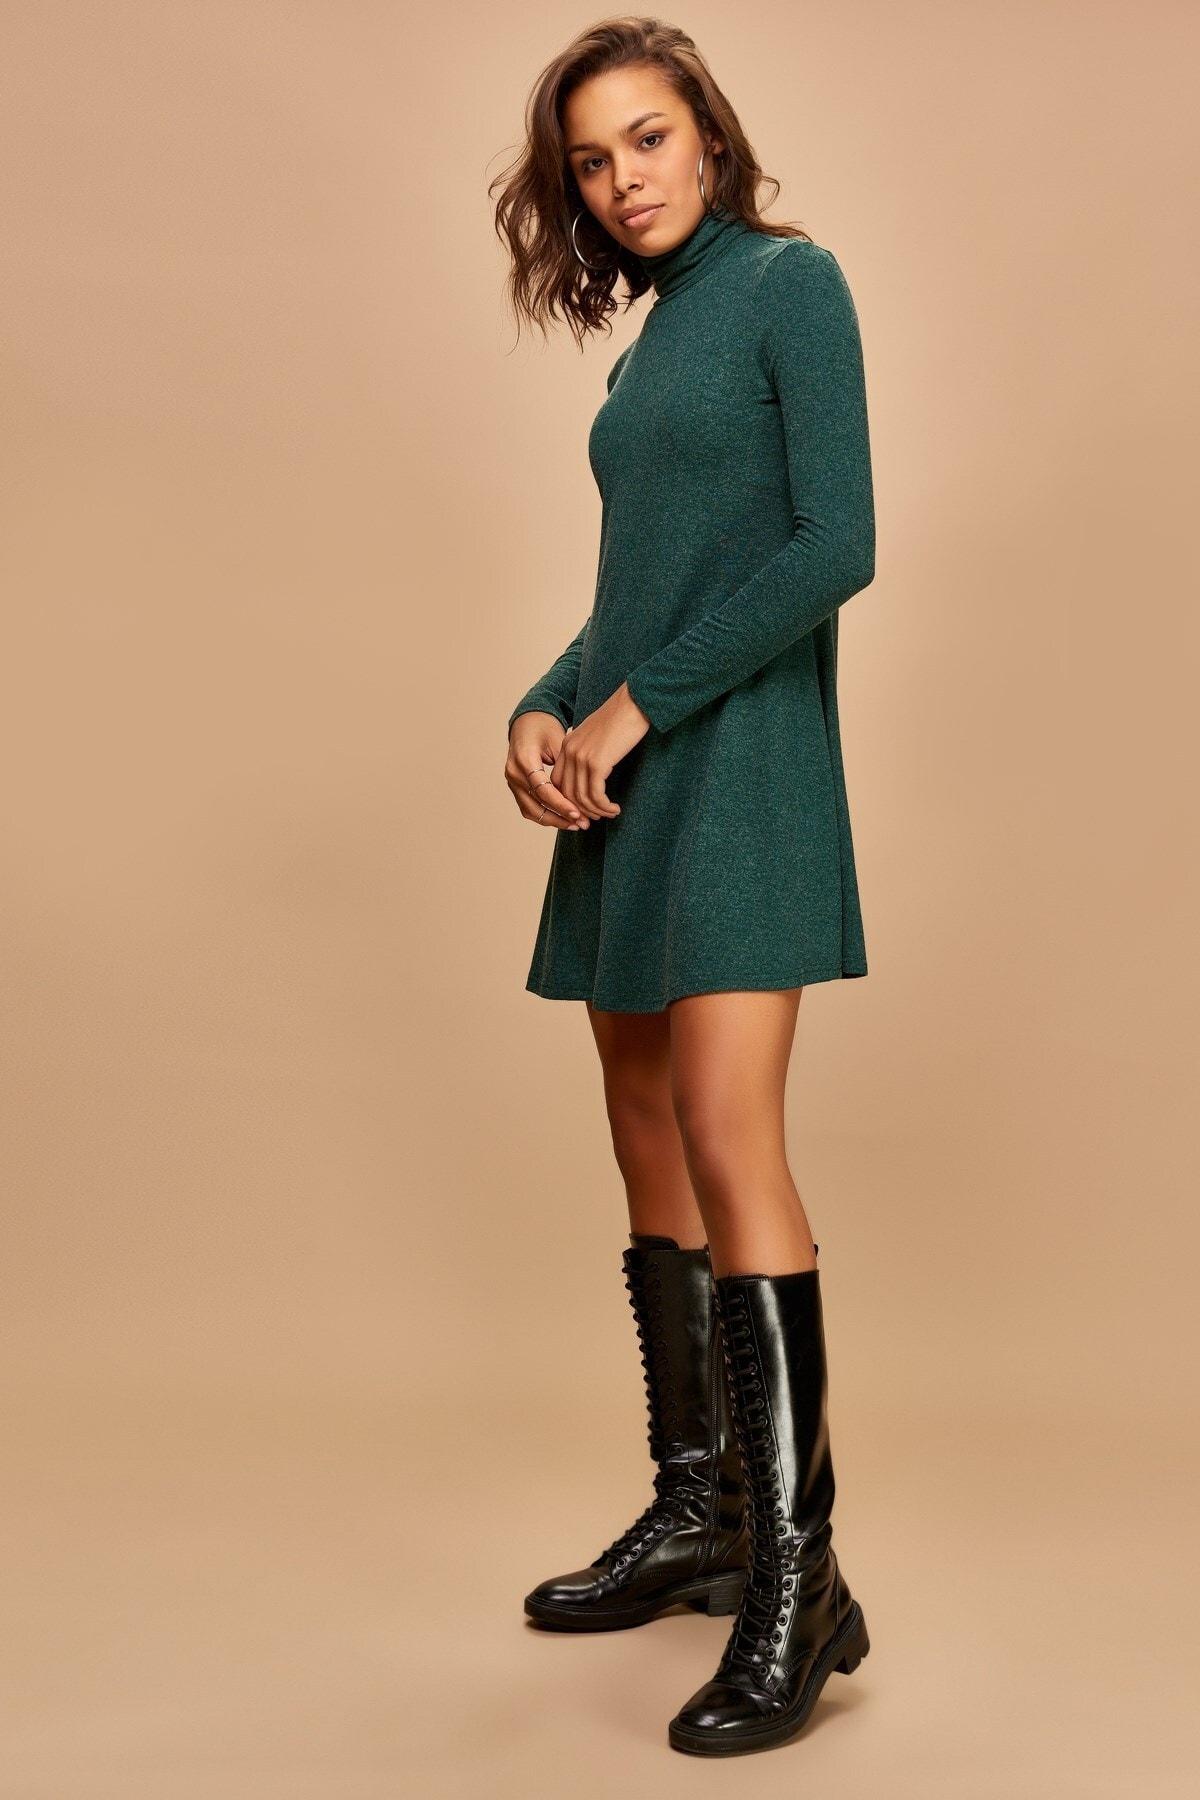 Boutiquen Kadın Yeşil Balıkçı Yaka Kırçıllı Elbise 2180